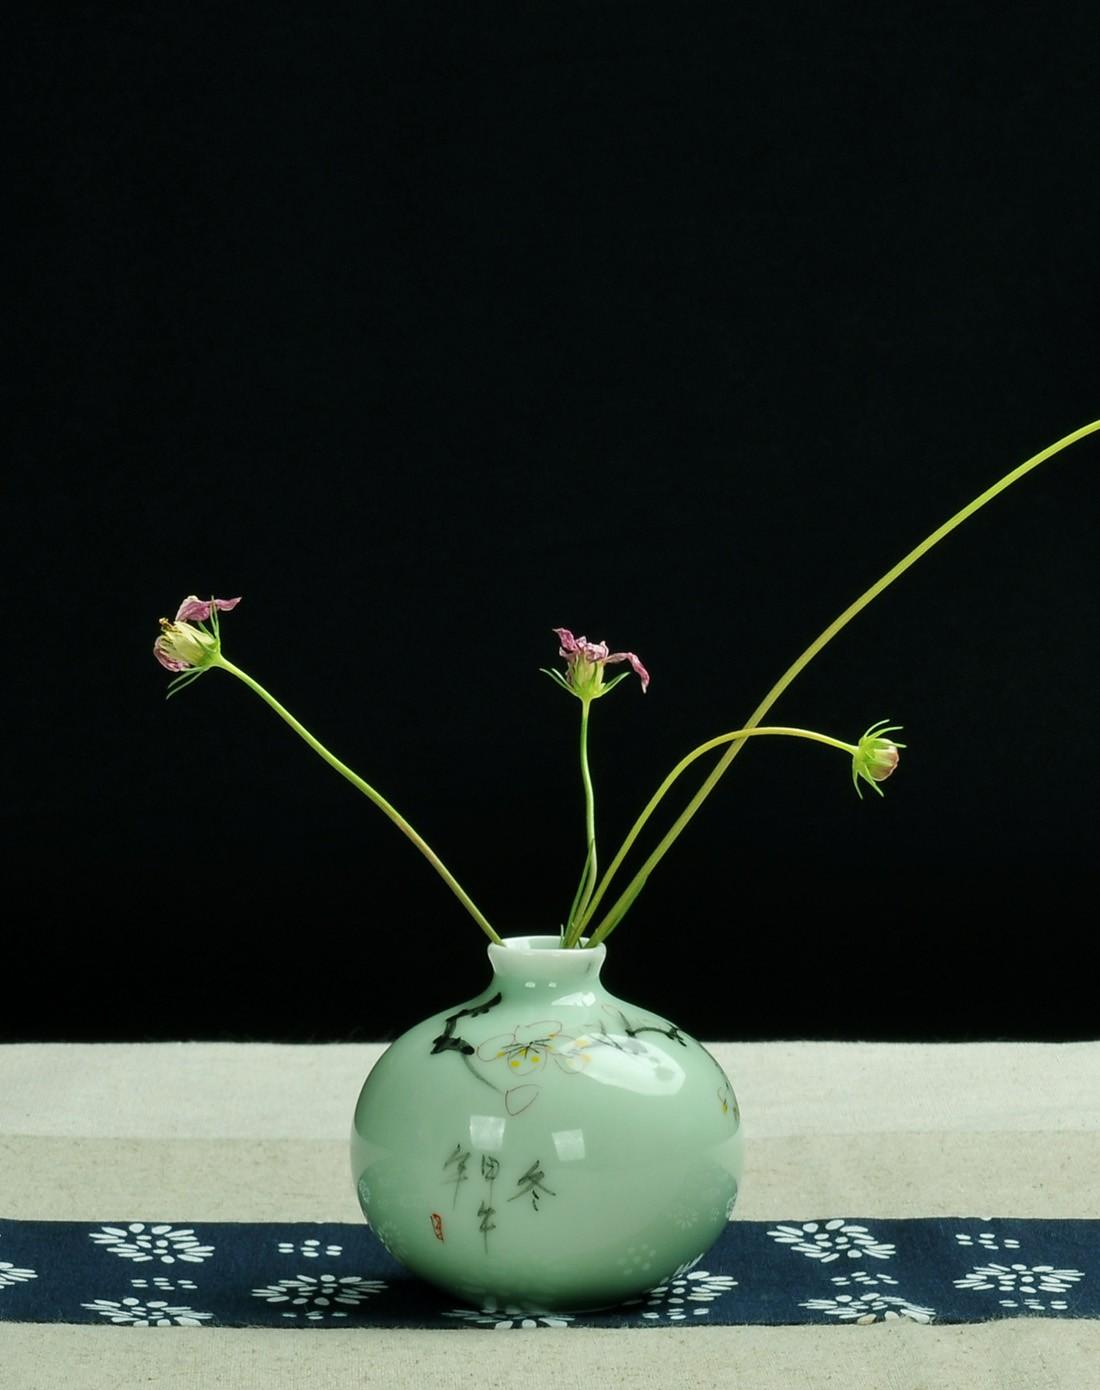 寒冬天地方圆梅花 创意个性花插图片